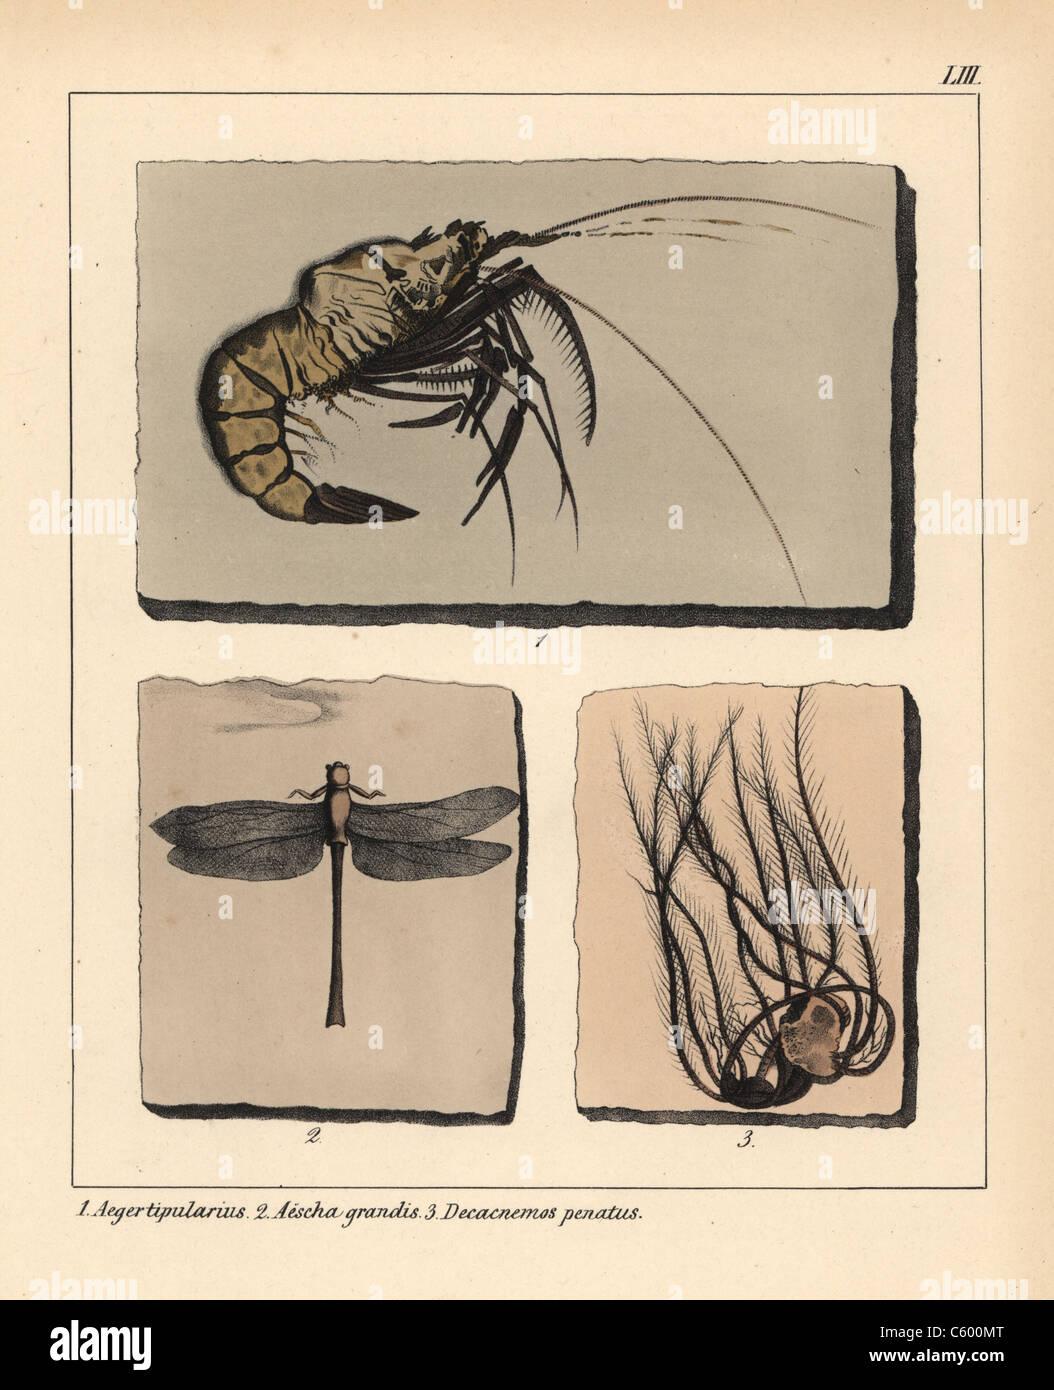 Los fósiles de la extinta jurassic gamba, dragonfly y decacnemos penatus. Imagen De Stock